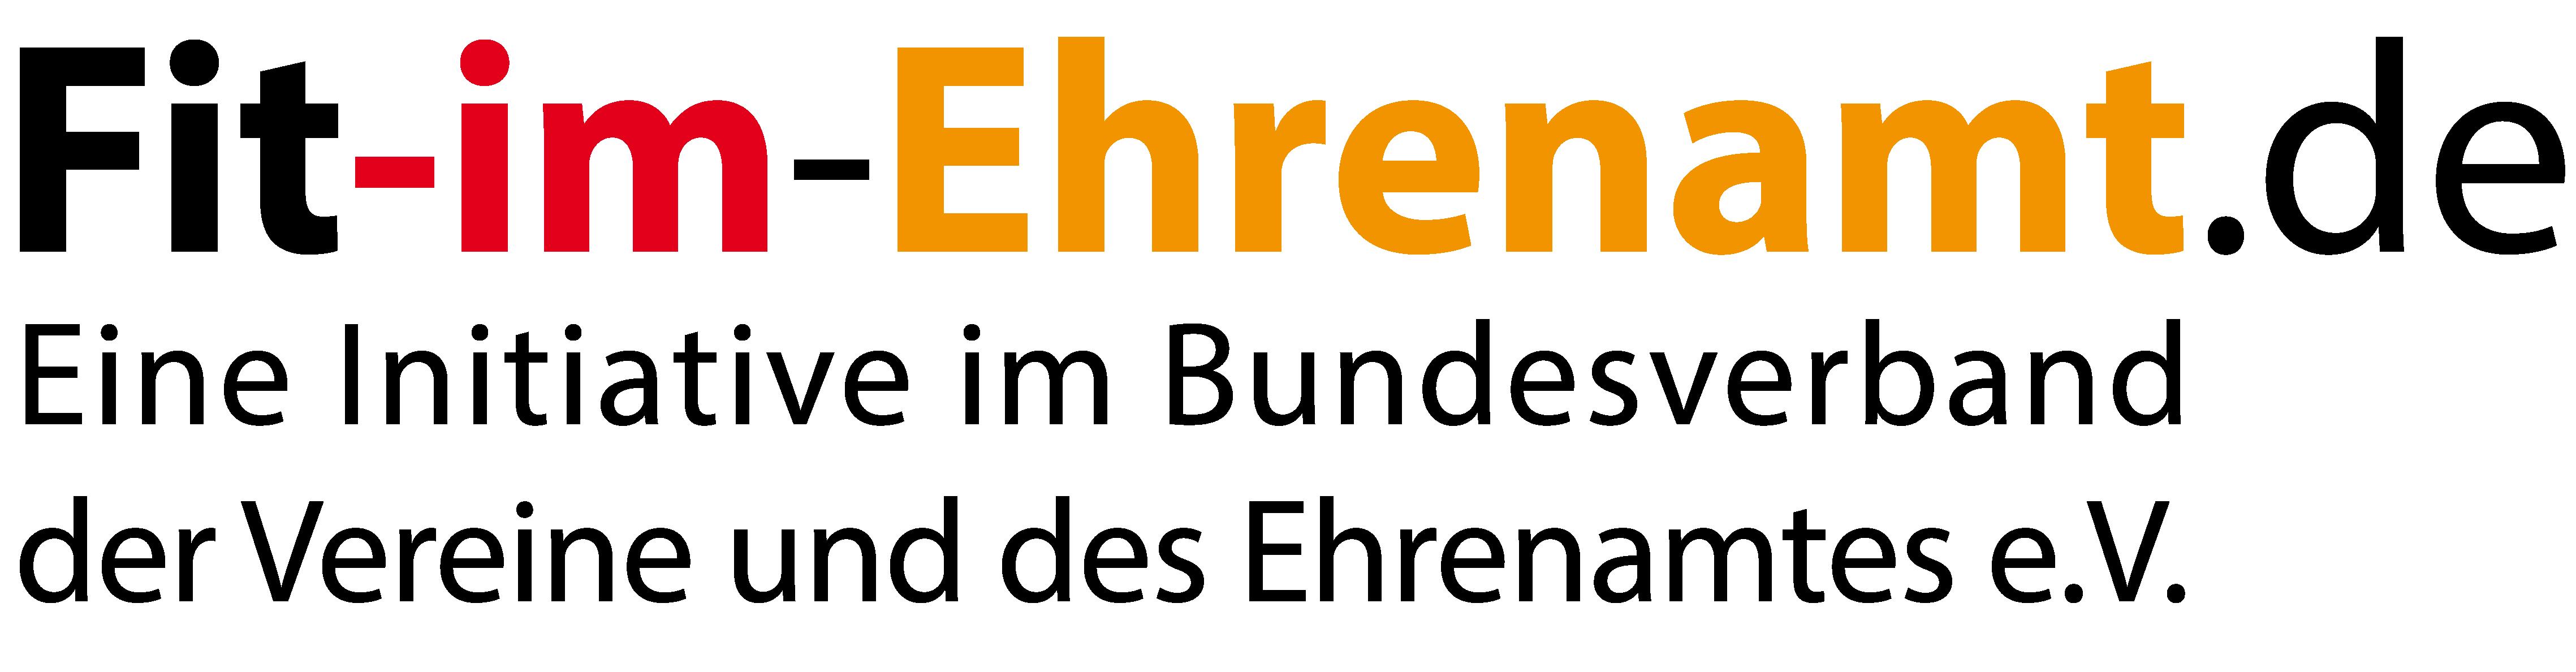 Fit im Ehrenamt - ein Projekt des Bundesverbandes der Vereine und des Ehrenamtes e.V. | bvve